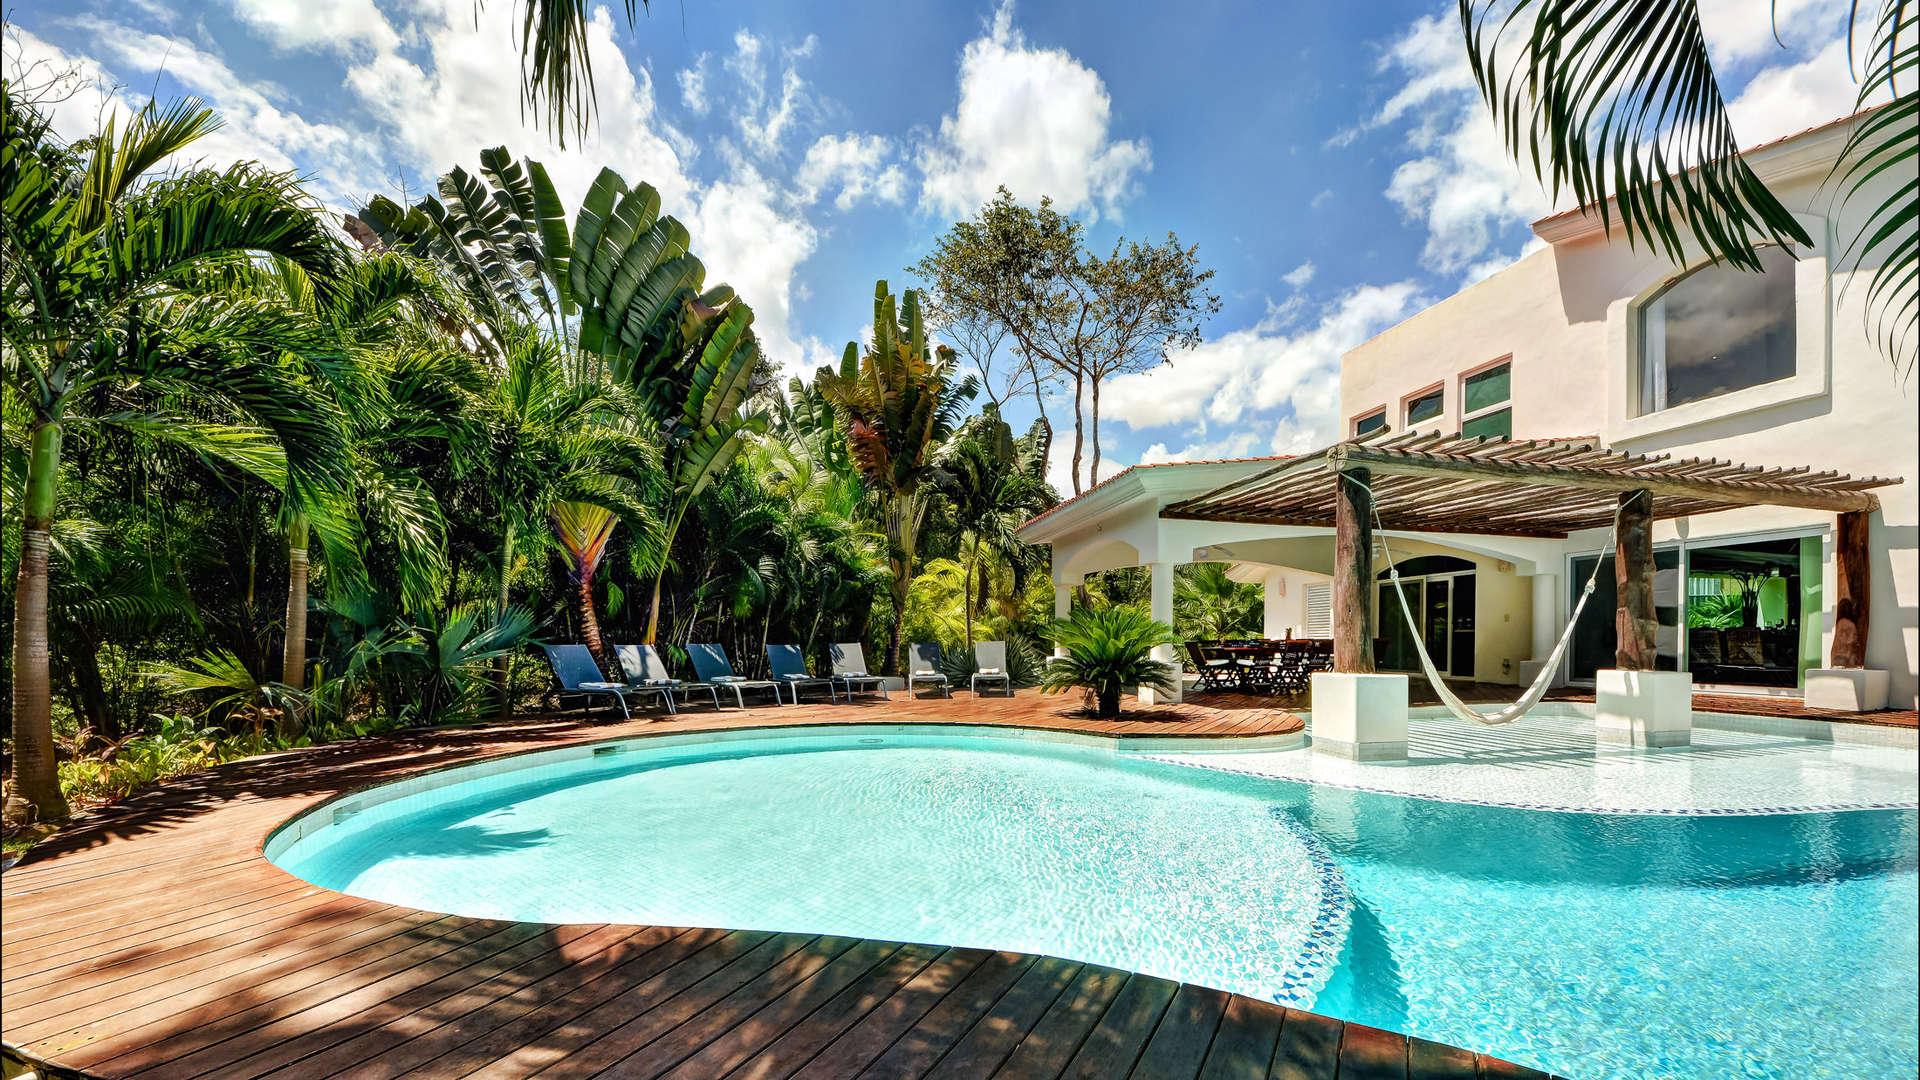 Luxury vacation rentals mexico - Riviera maya - Playa car - No location 4 - Villa Saasil - Image 1/27